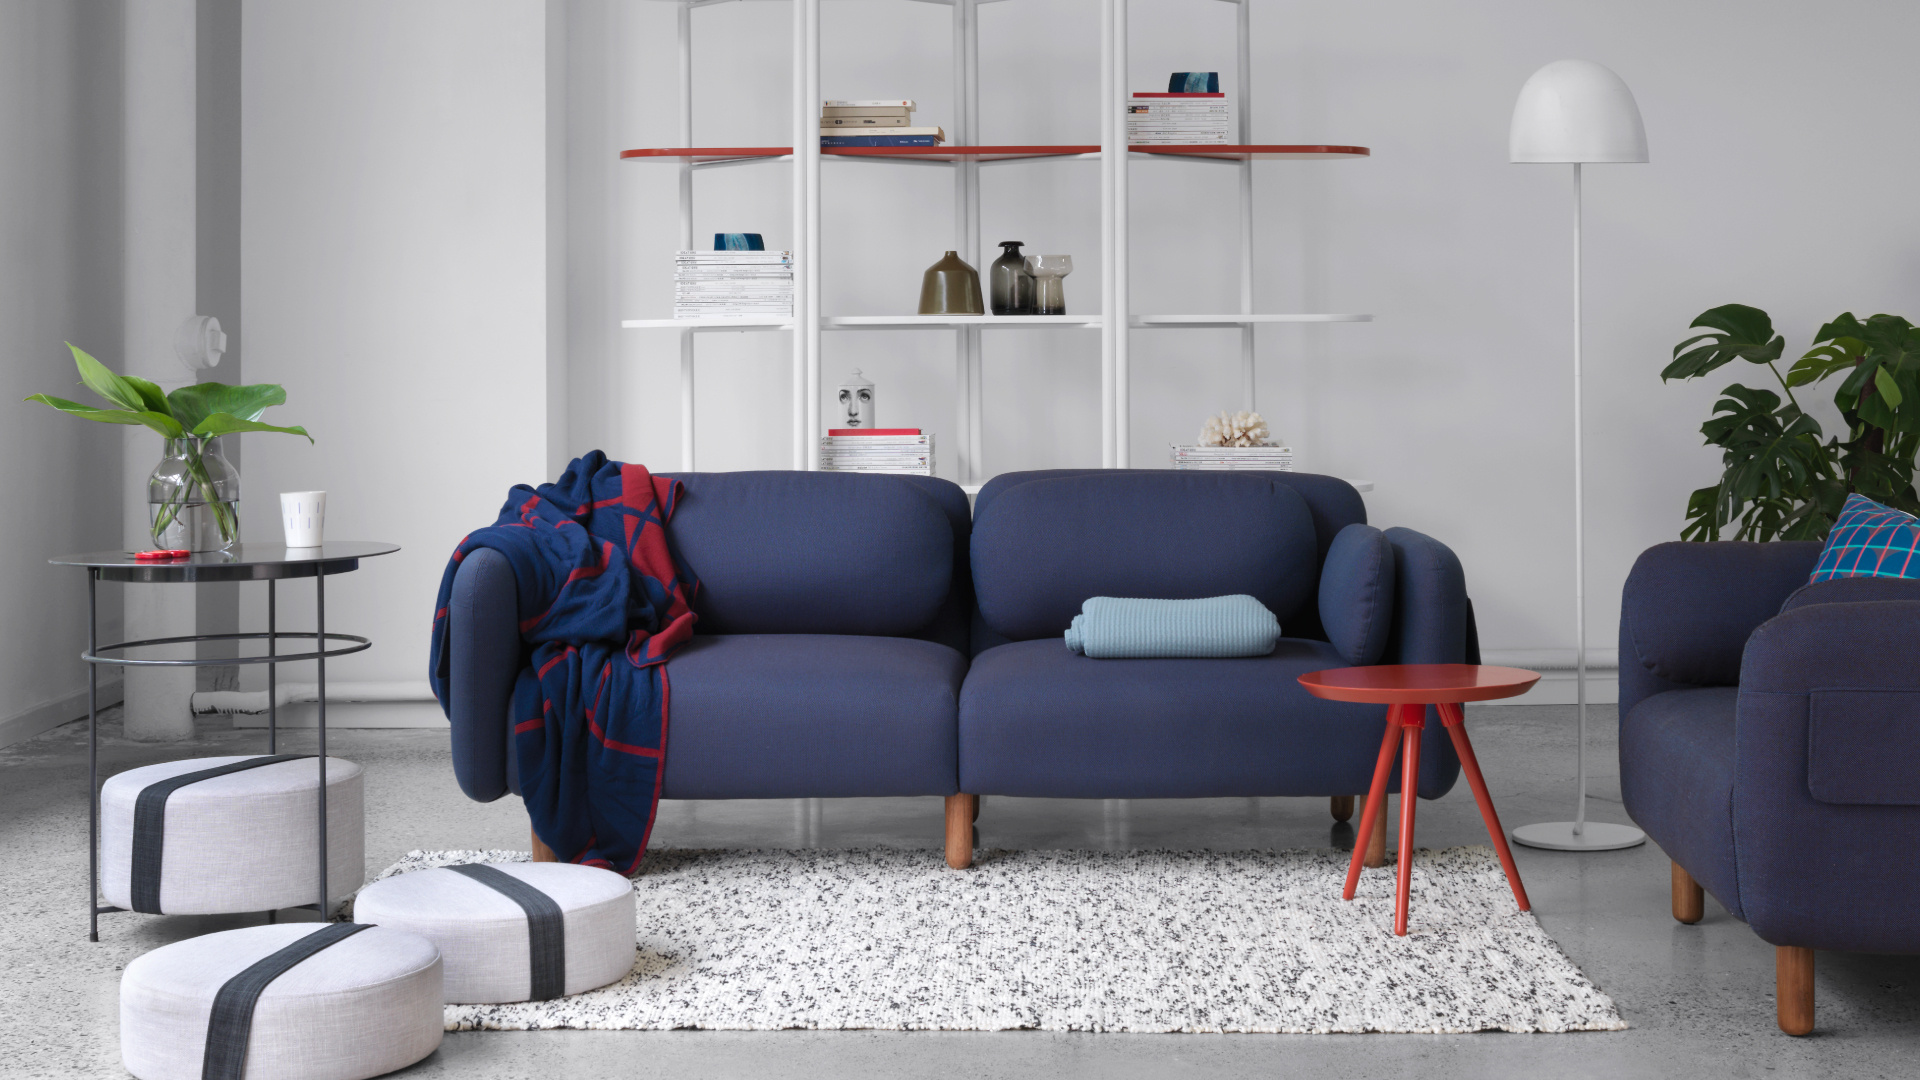 深色鹅卵石沙发定下沉稳基调,搭配一系圆润物件,为客厅注入年轻酷感,围绕着高挑透亮的空间格局,铺满周末的悠闲惬意。